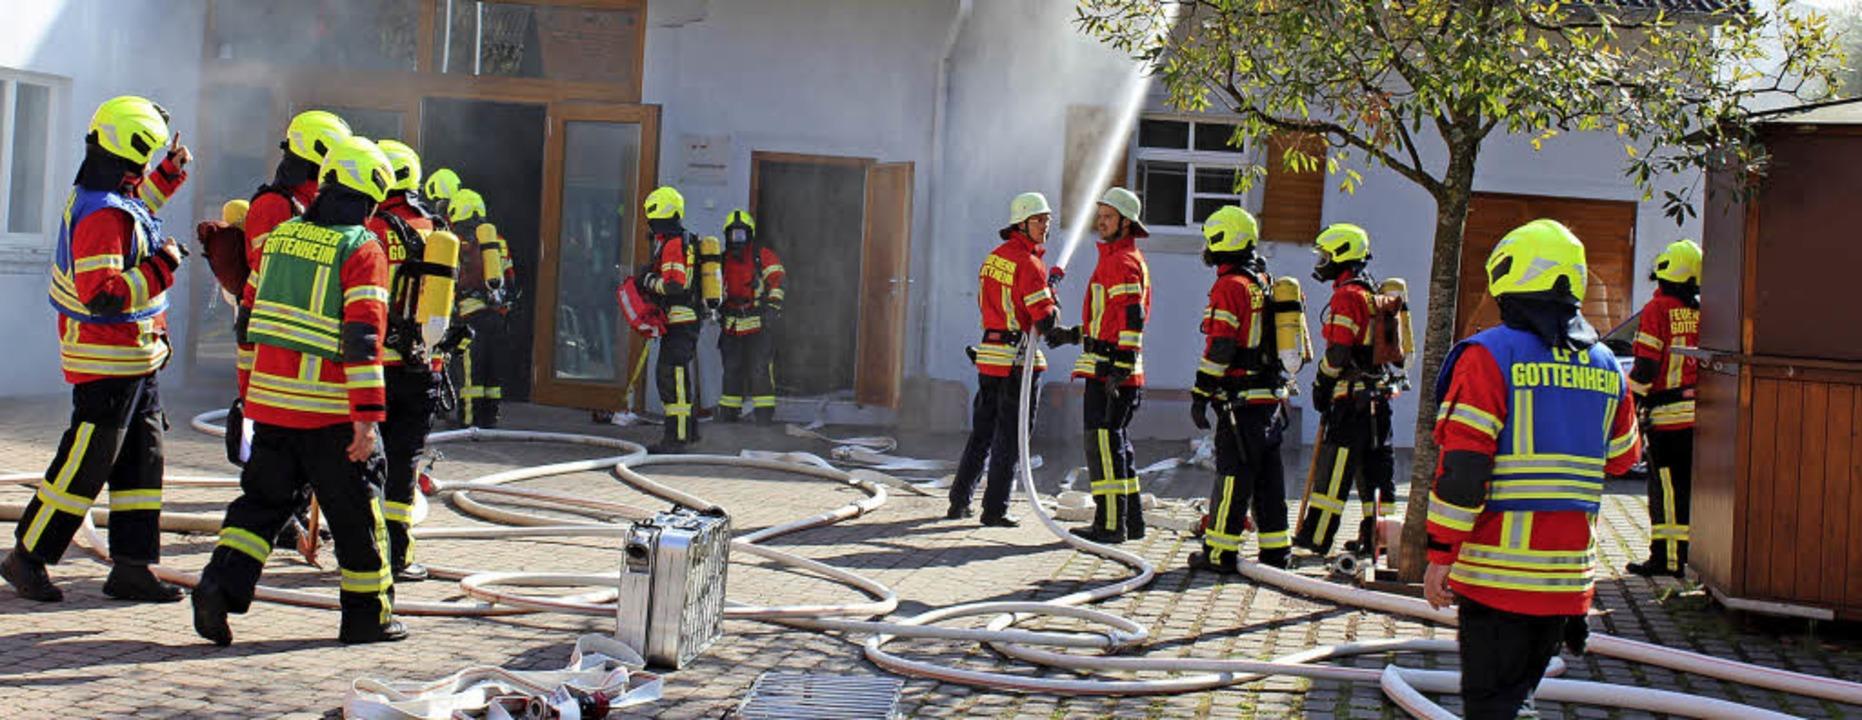 Bei der Feuerwehrübung in Gottenheim arbeiten die Einsatzkräfte Hand in Hand.  | Foto: Mario Schöneberg